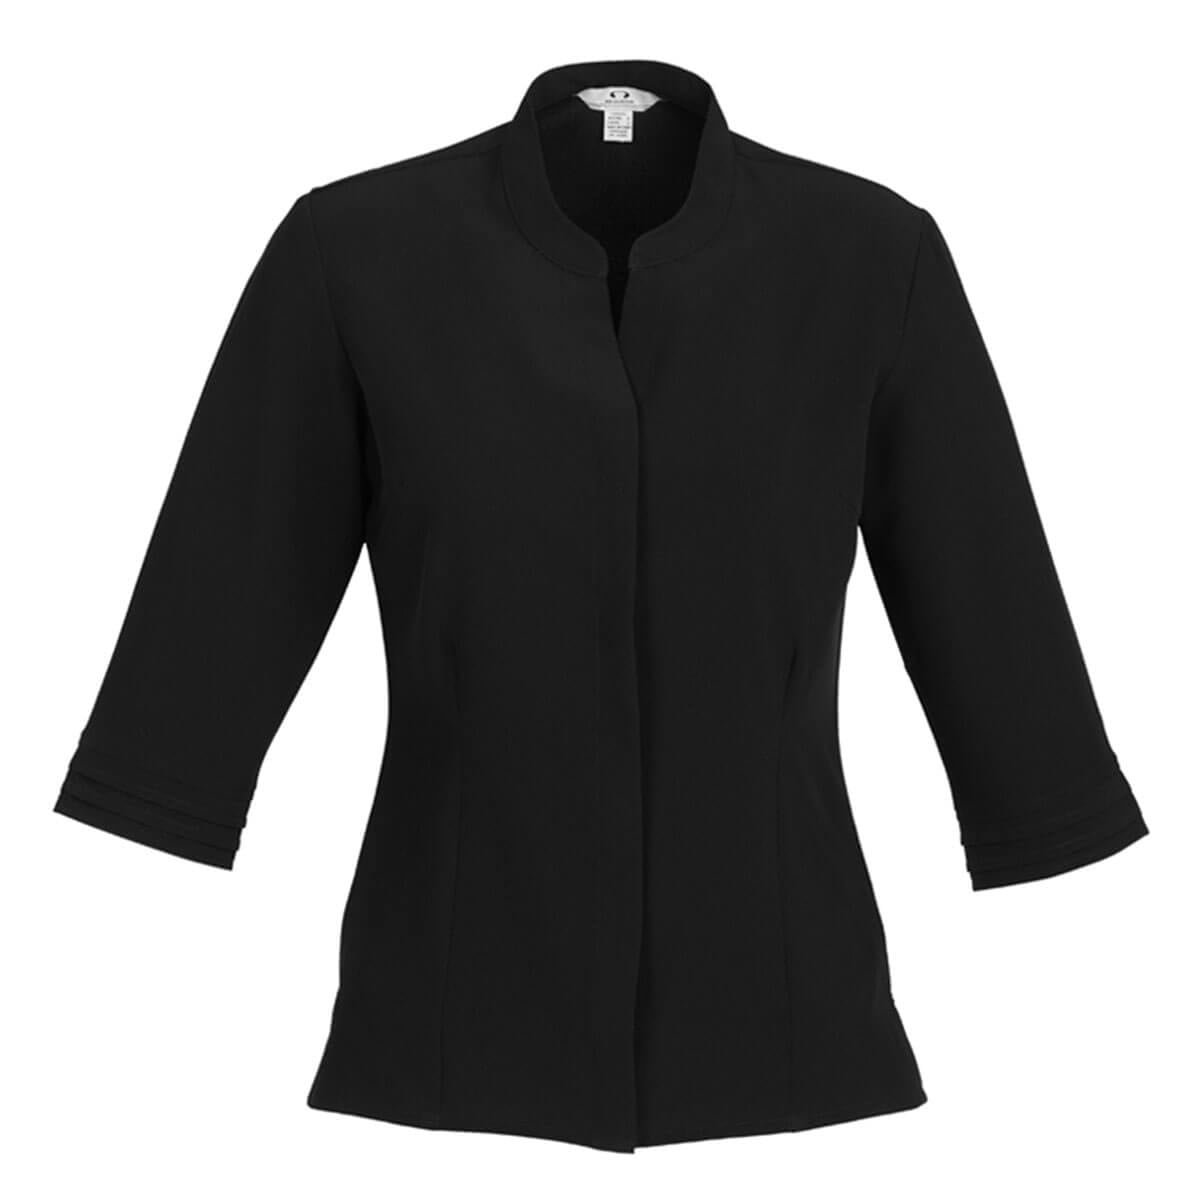 Ladies Quay 3/4 Sleeve Shirt-Black